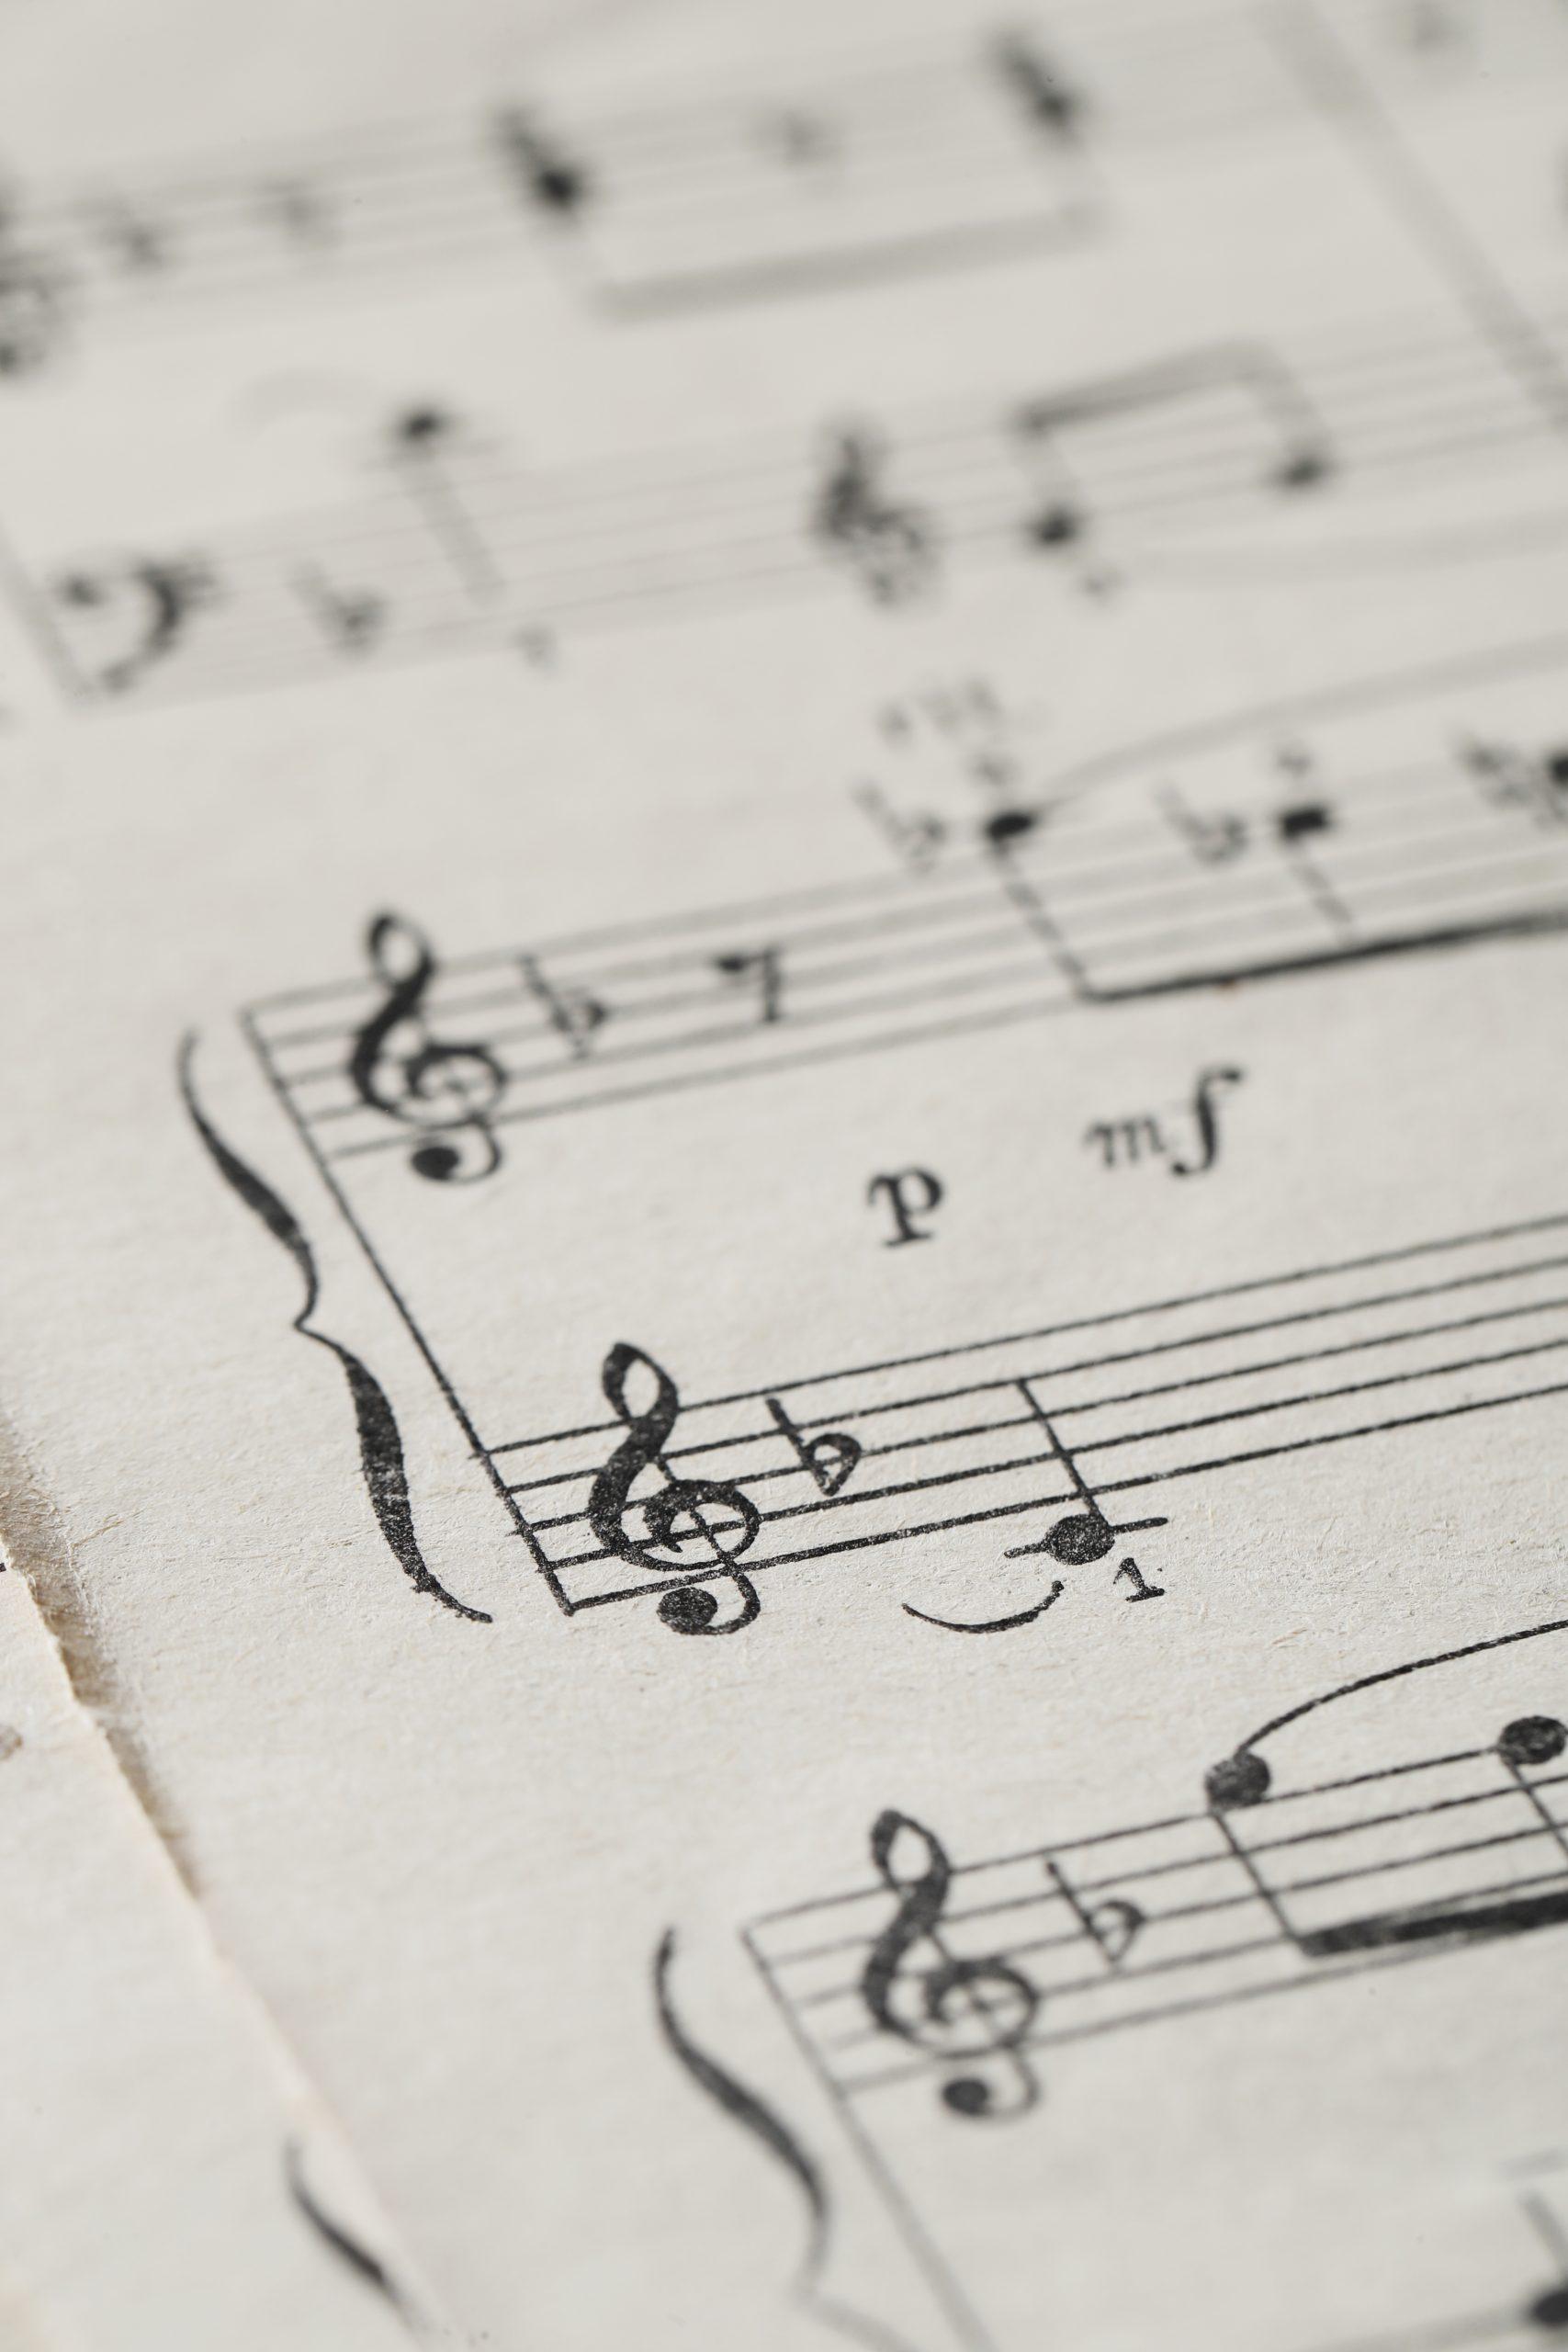 Уроки музыкальной теории для детей и подростков